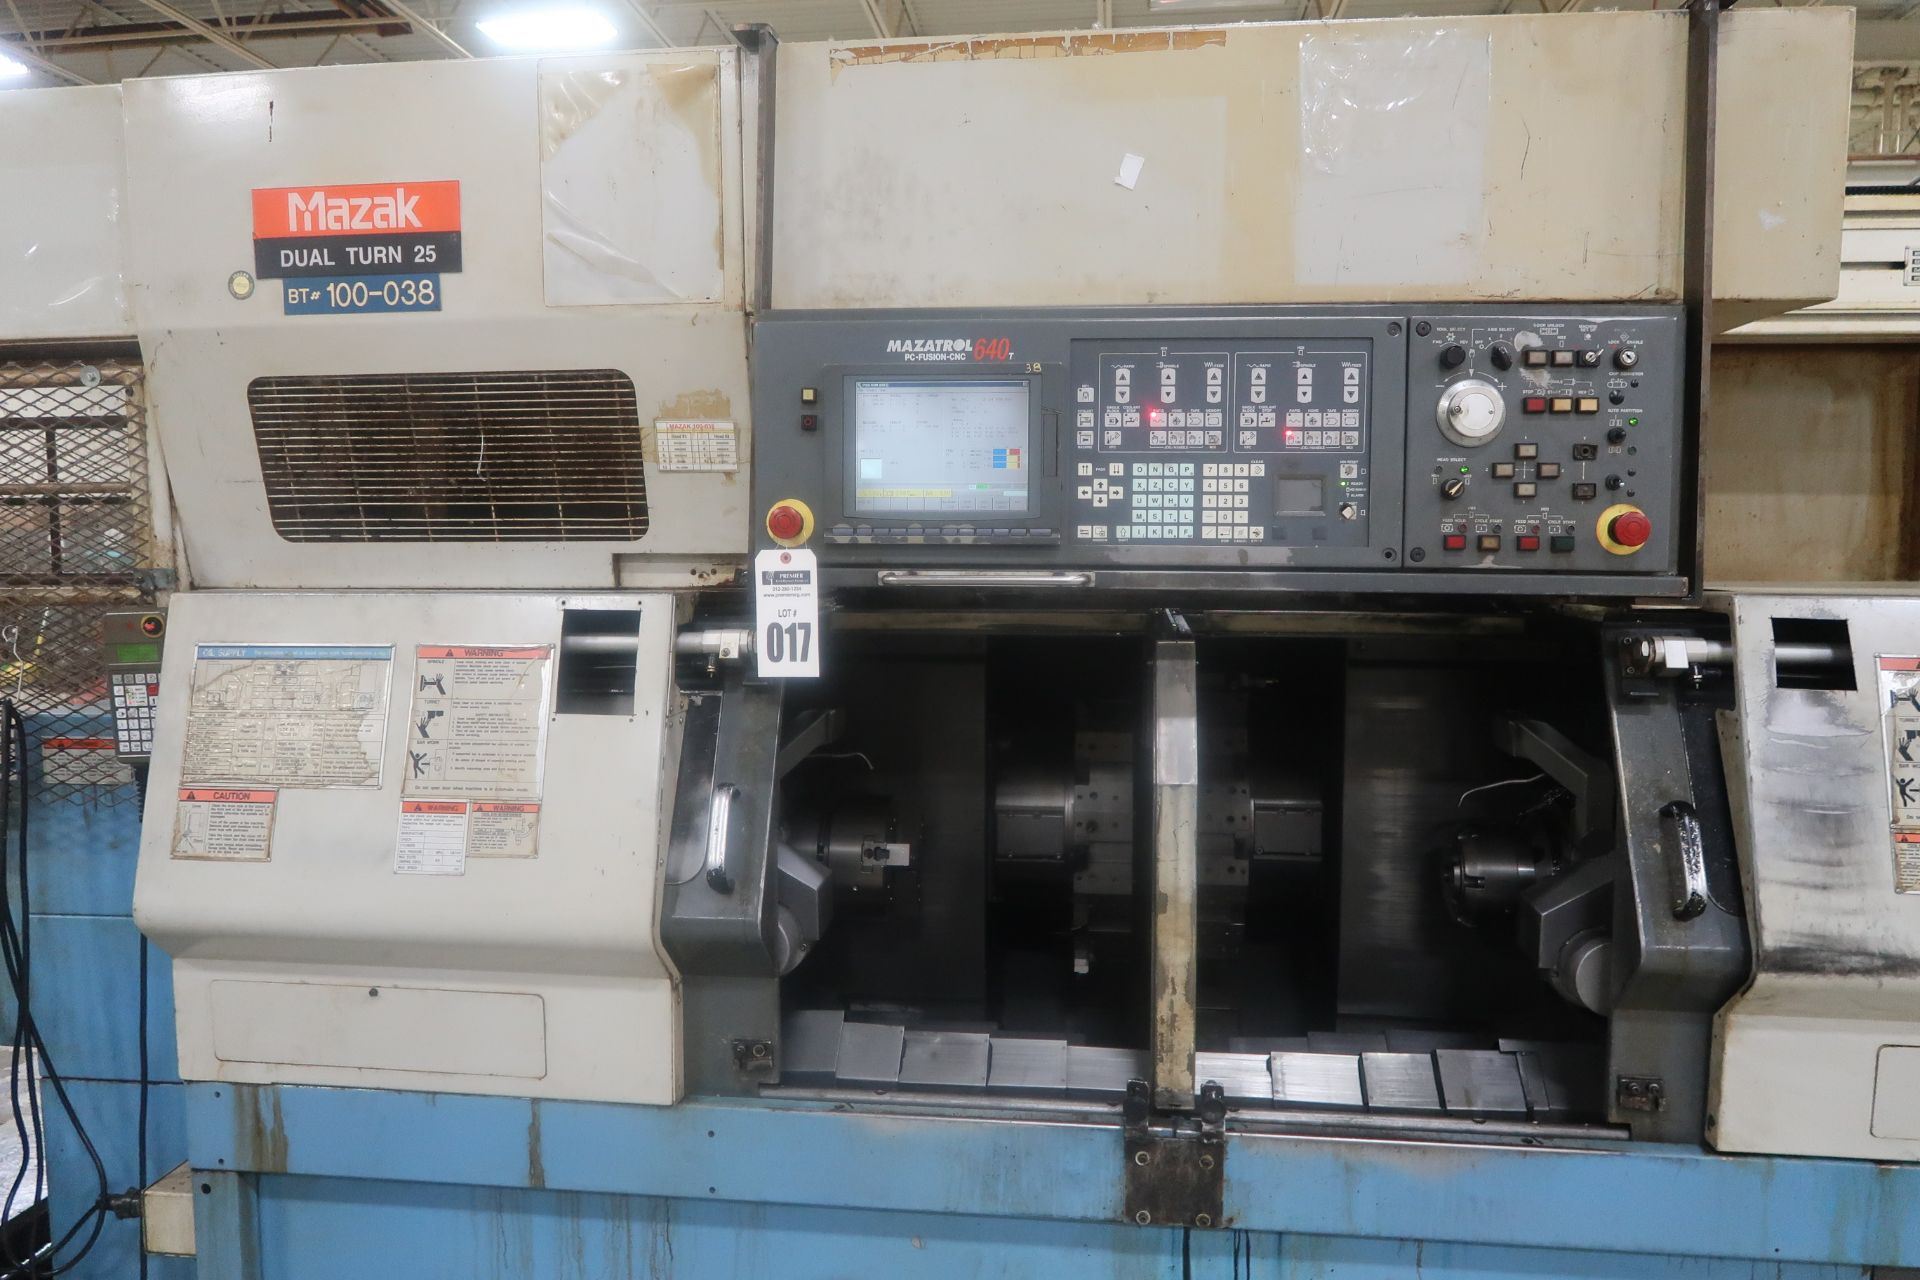 Mazak Dual Turn 25 Twin Spindle CNC Turning Center lathe, S/N 150888